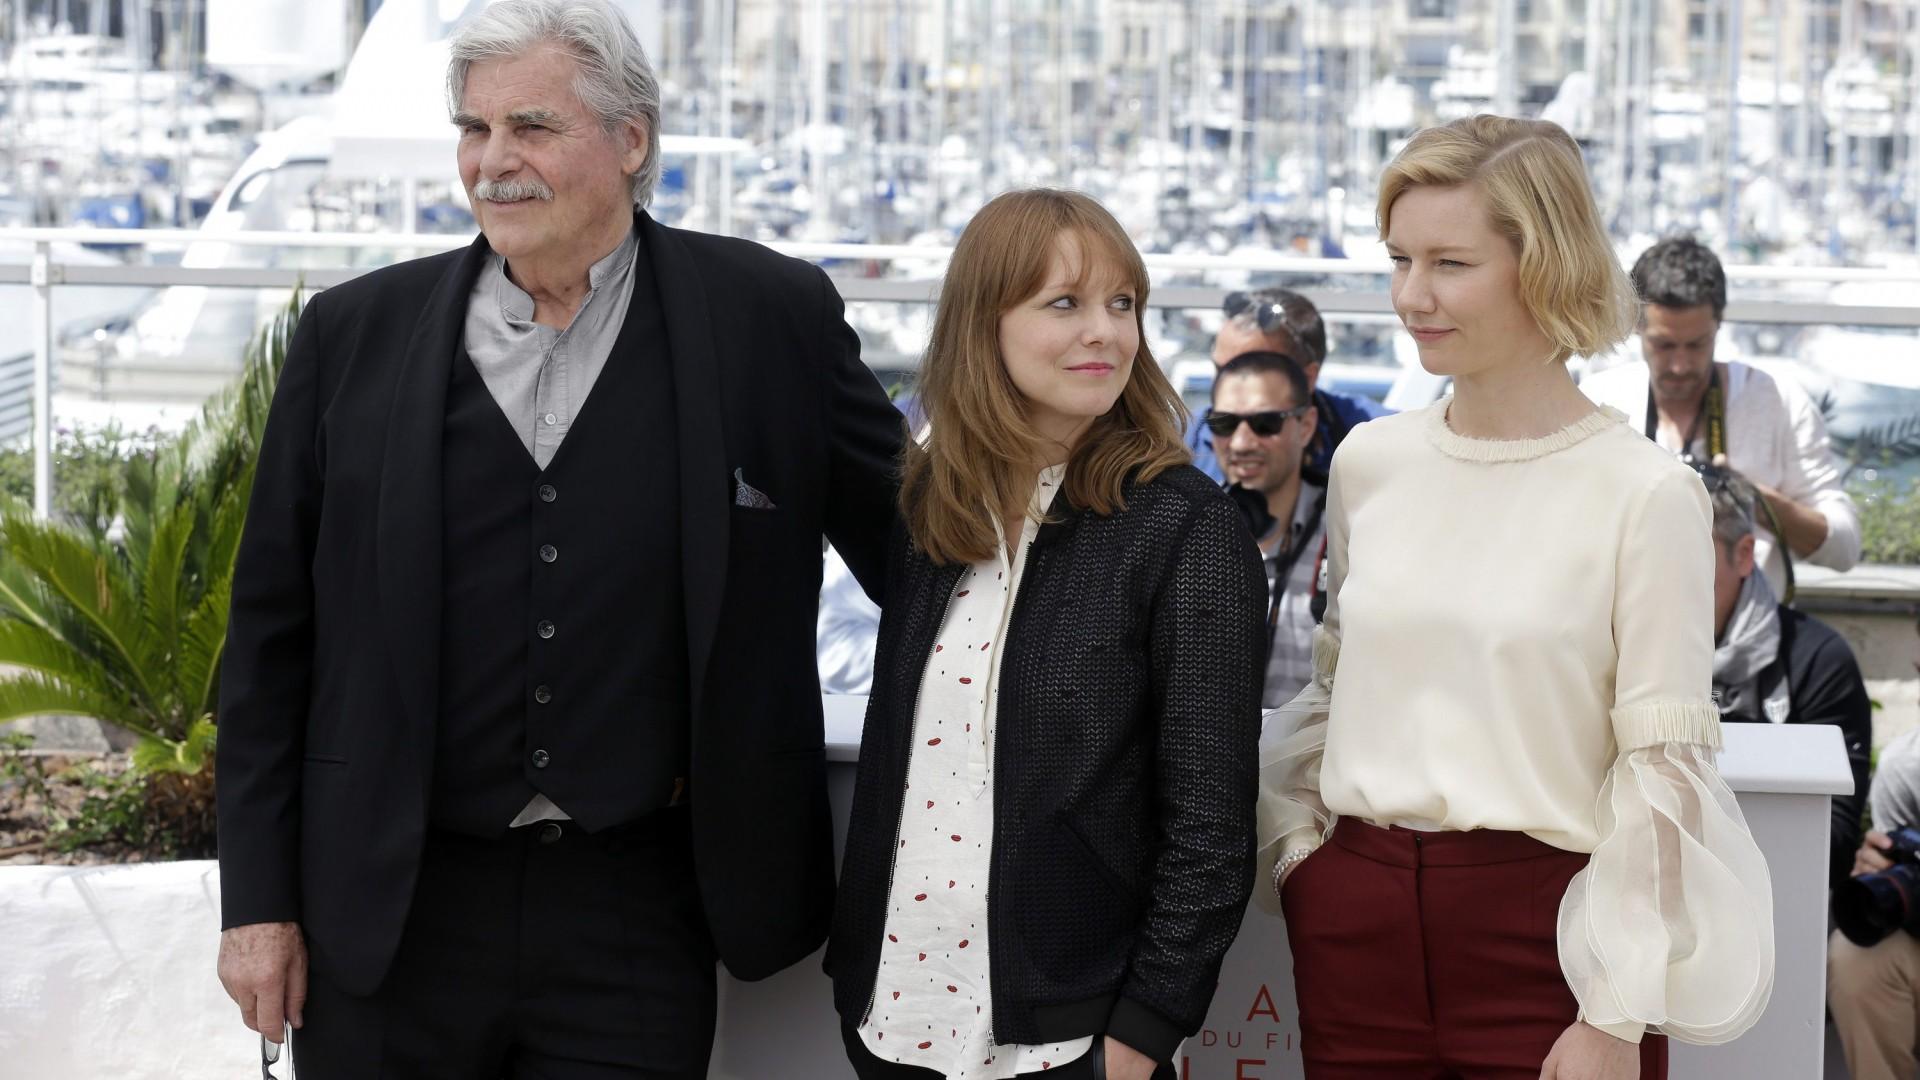 Maren Ade, Peter Simonischek, and Sandra Hüller at an event for Toni Erdmann (2016)